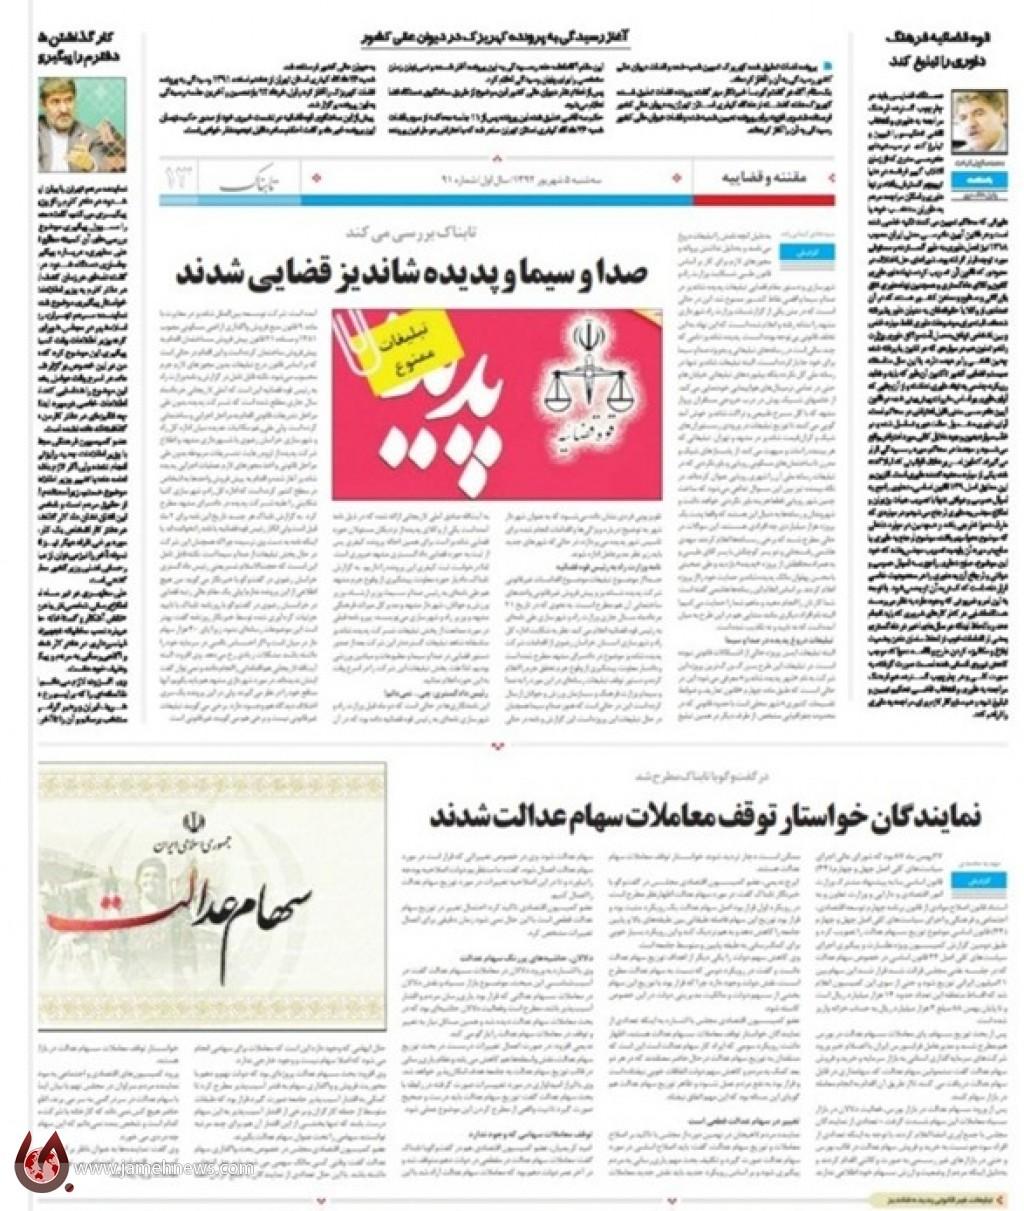 ماجرای خبرنگاری که پرونده پدیده شاندیز را رسانه ای کرد